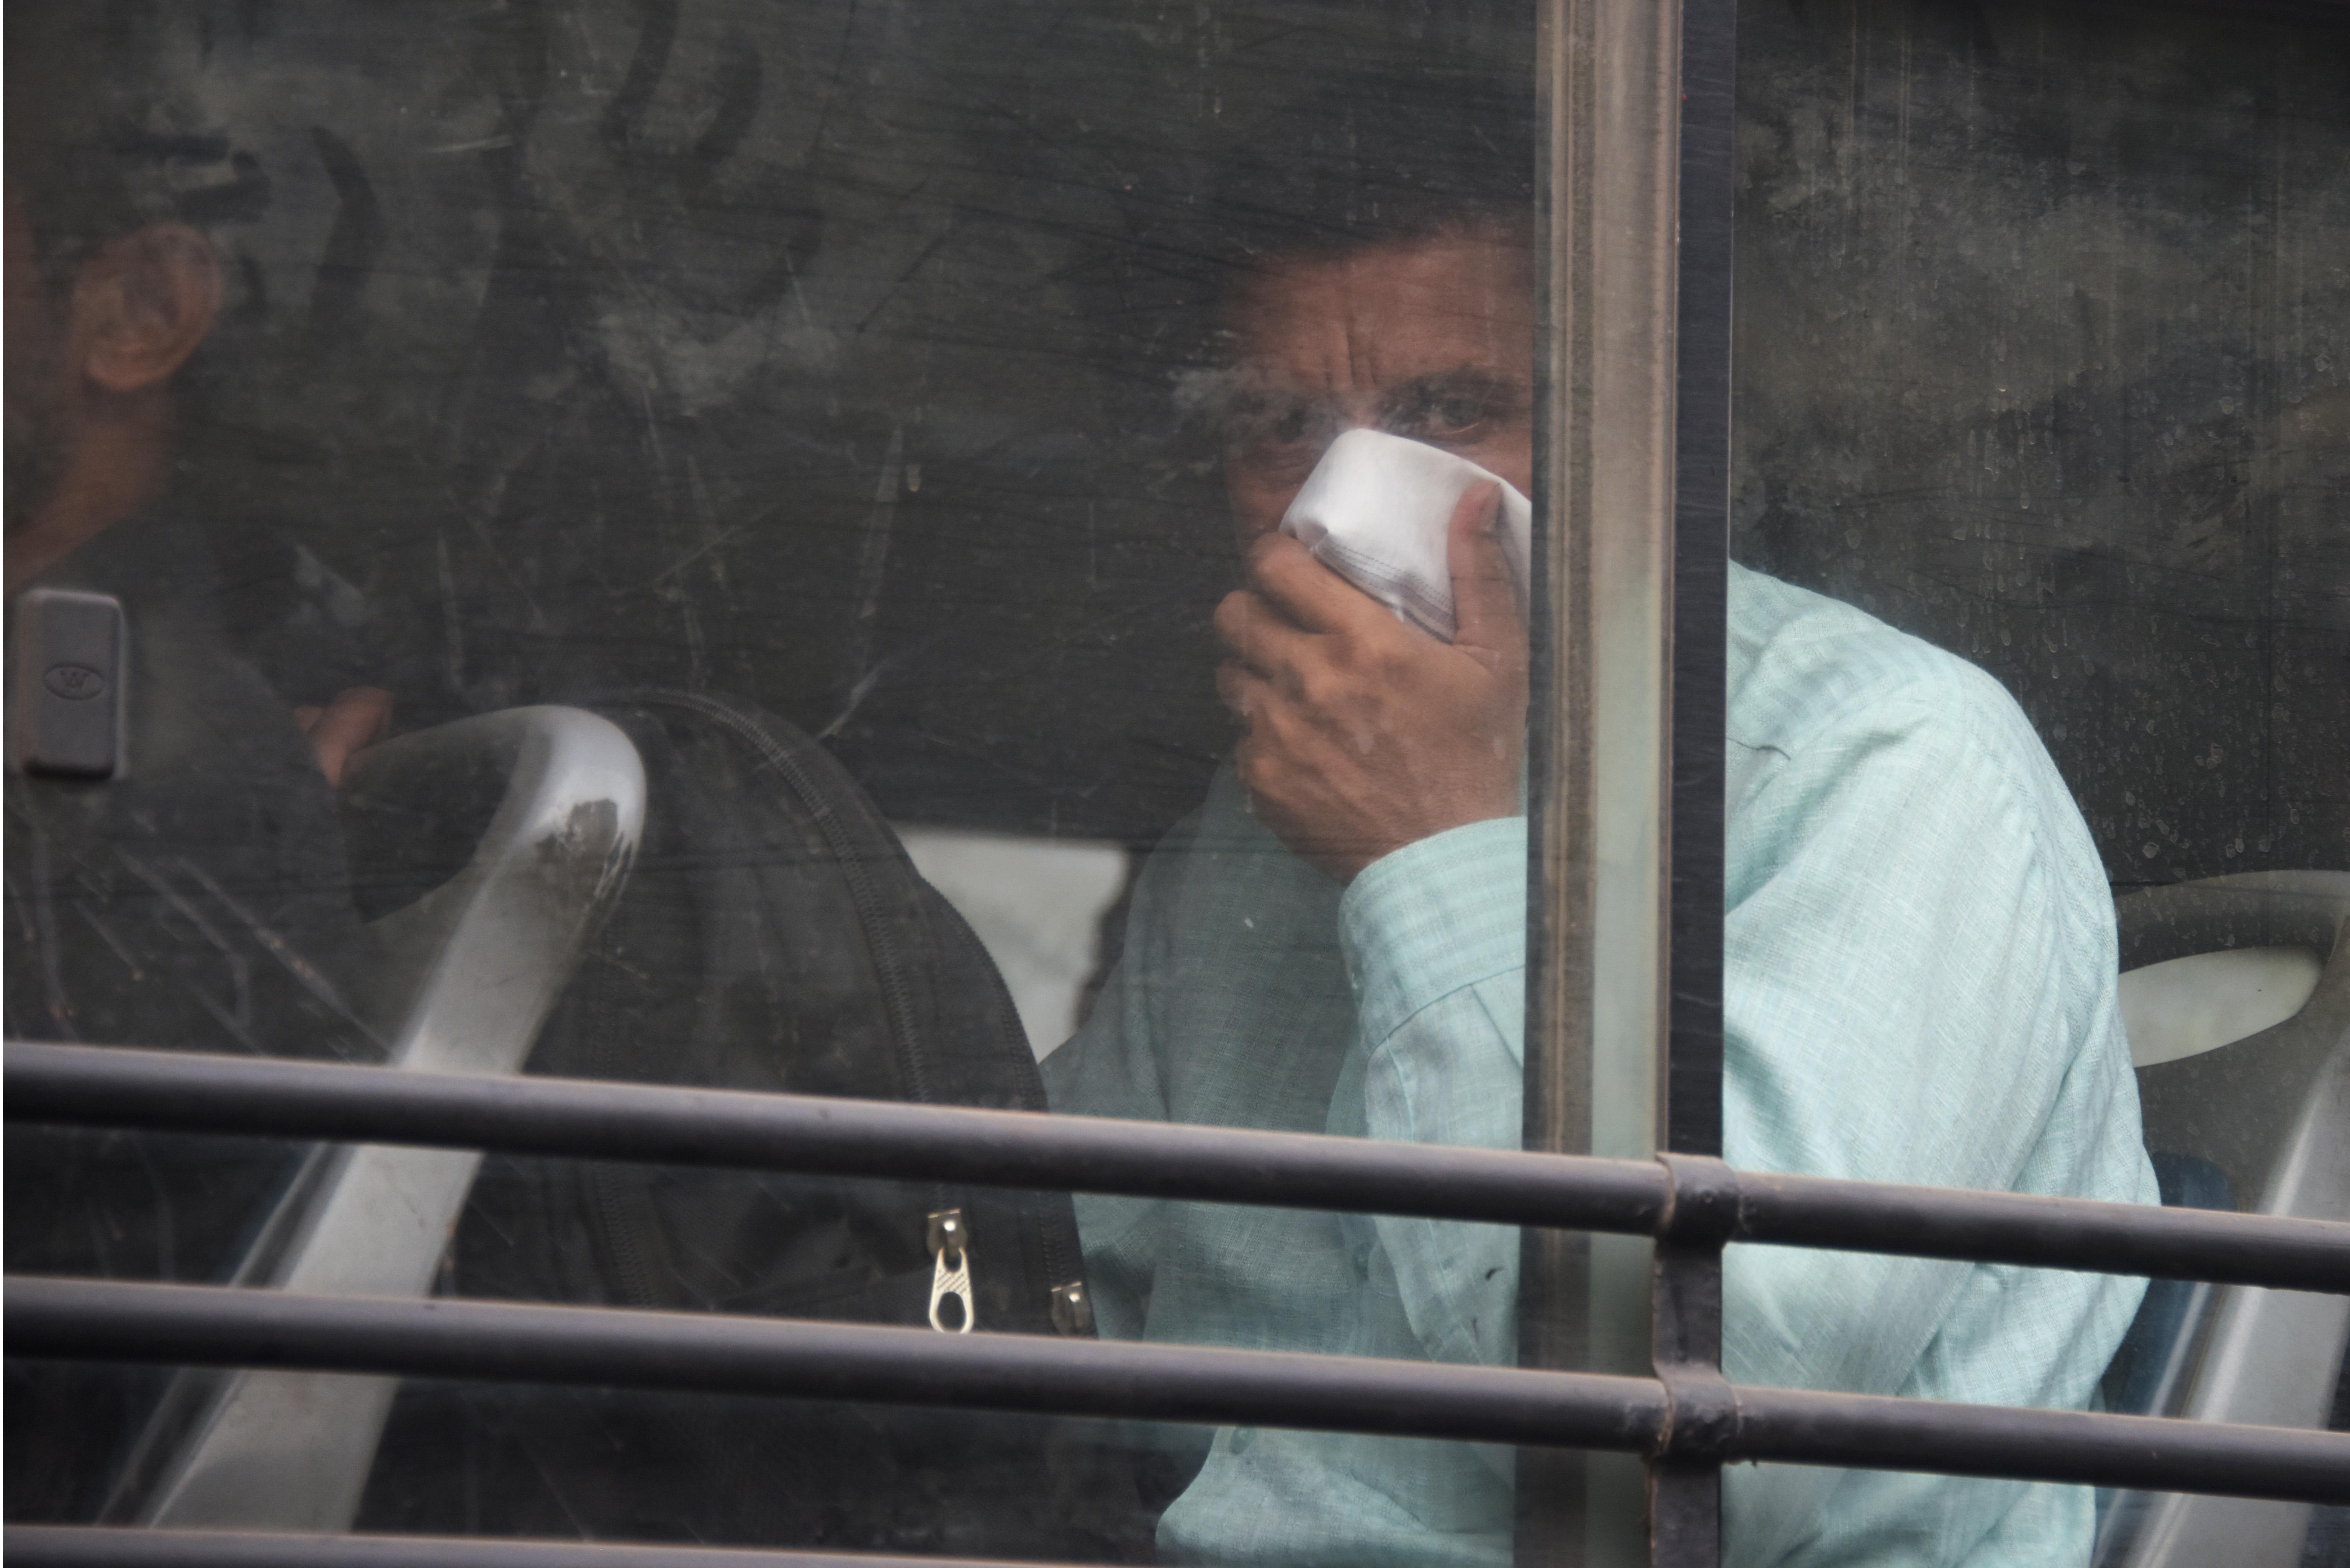 Letartóztattak egy indiai férfit, mert túl büdös volt a zoknija